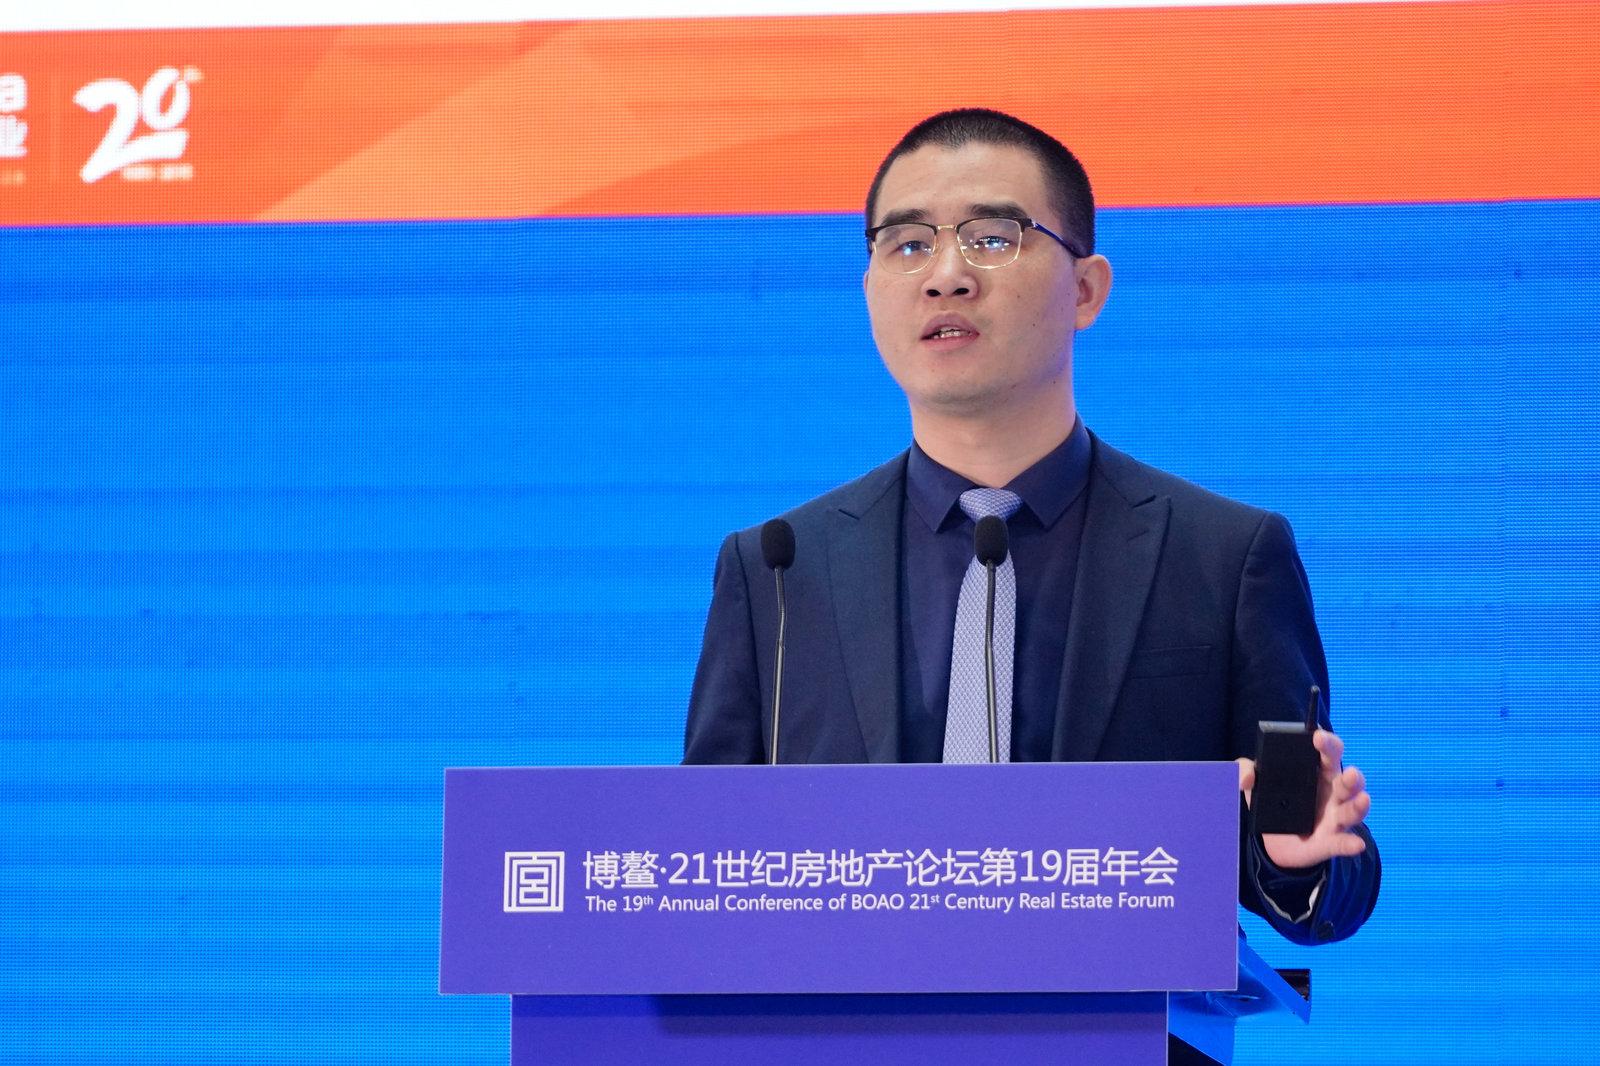 佳兆业刘策:地产开发市场规模未来可达20万亿 大湾区占到1/10